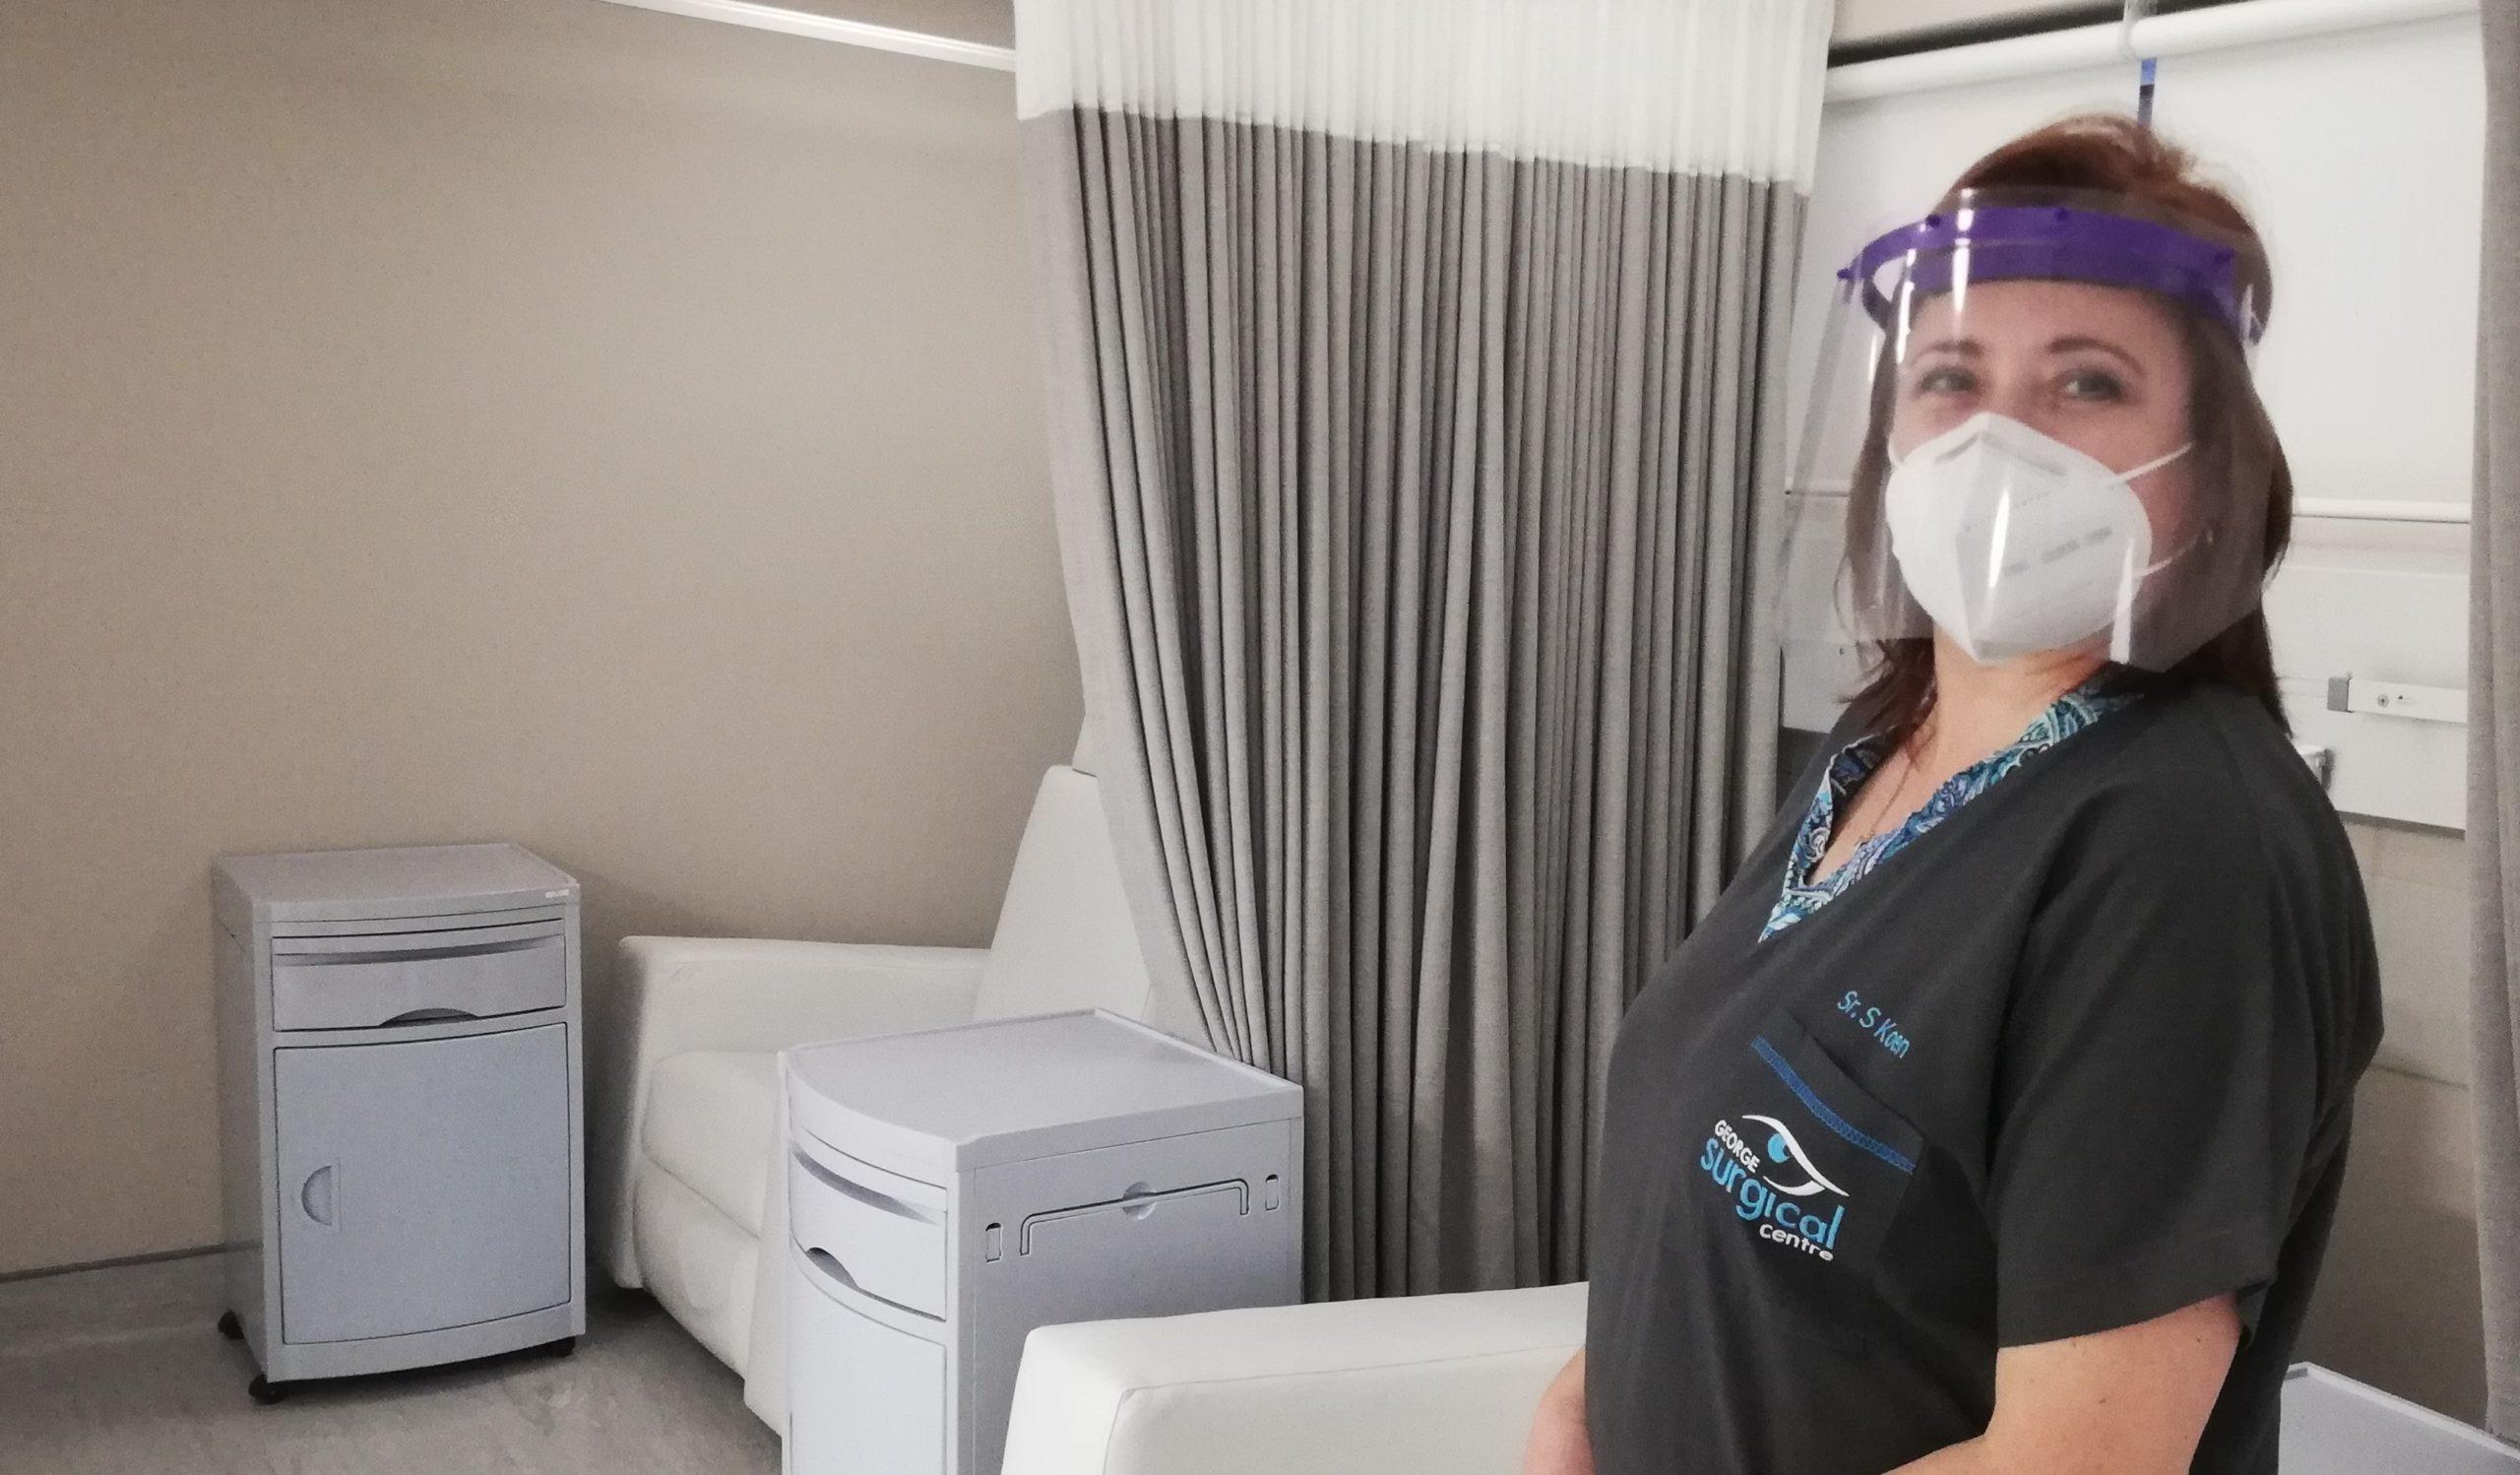 COVID 19 info ppe nurse